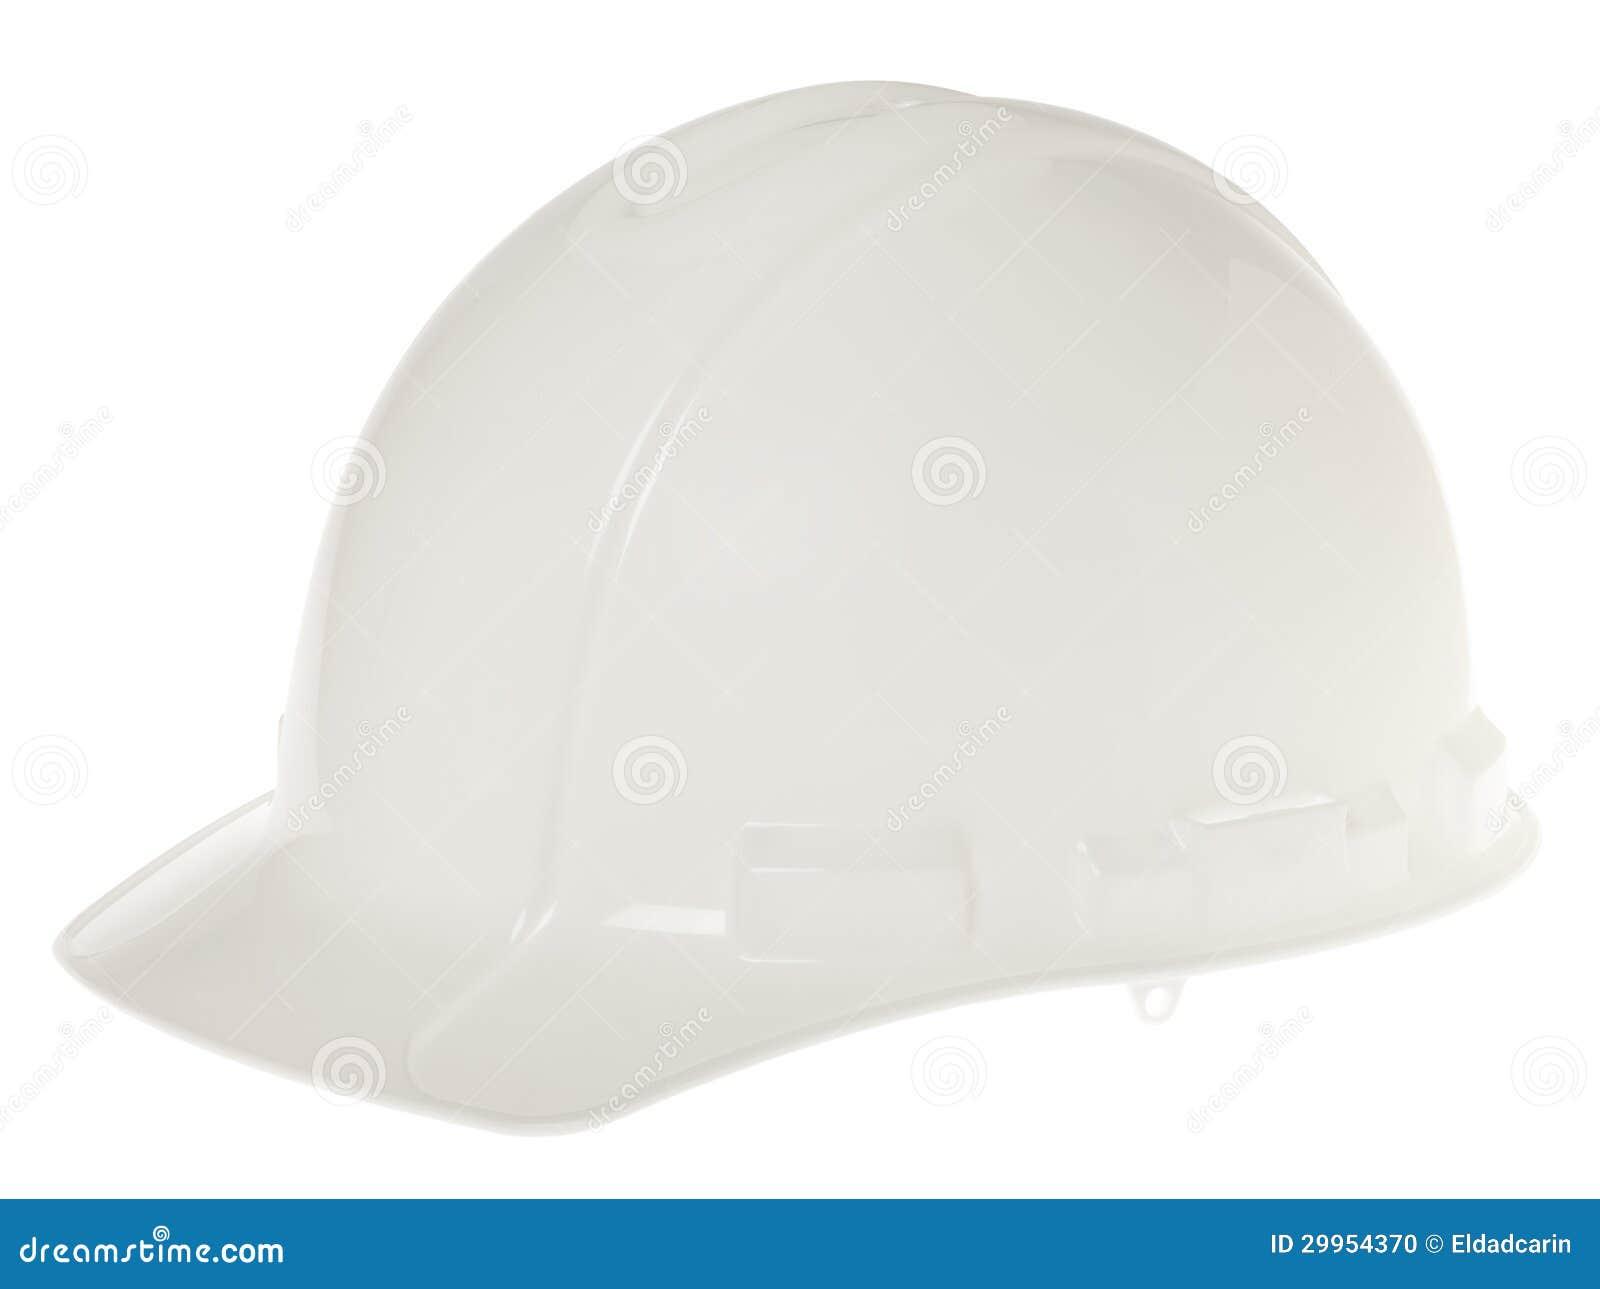 白色什么级别_什么级别穿白色_白色安全帽是什么级别